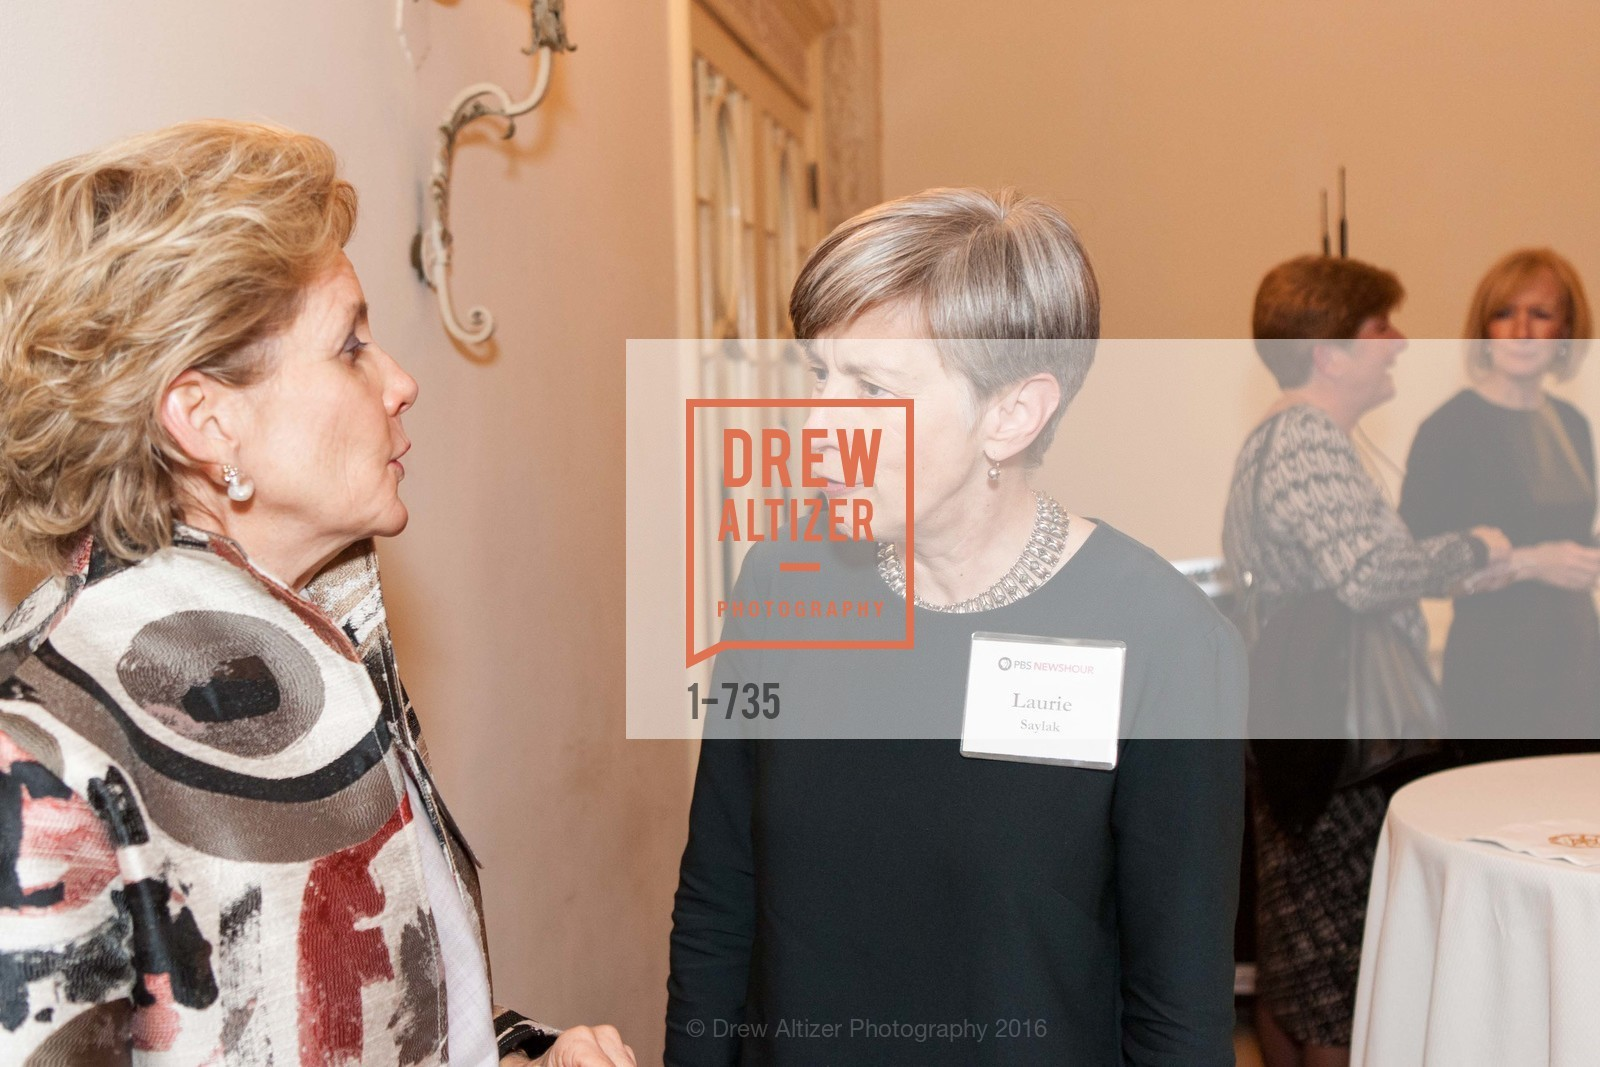 Joanne Nitzberg, Laurie Saylak, Photo #1-735